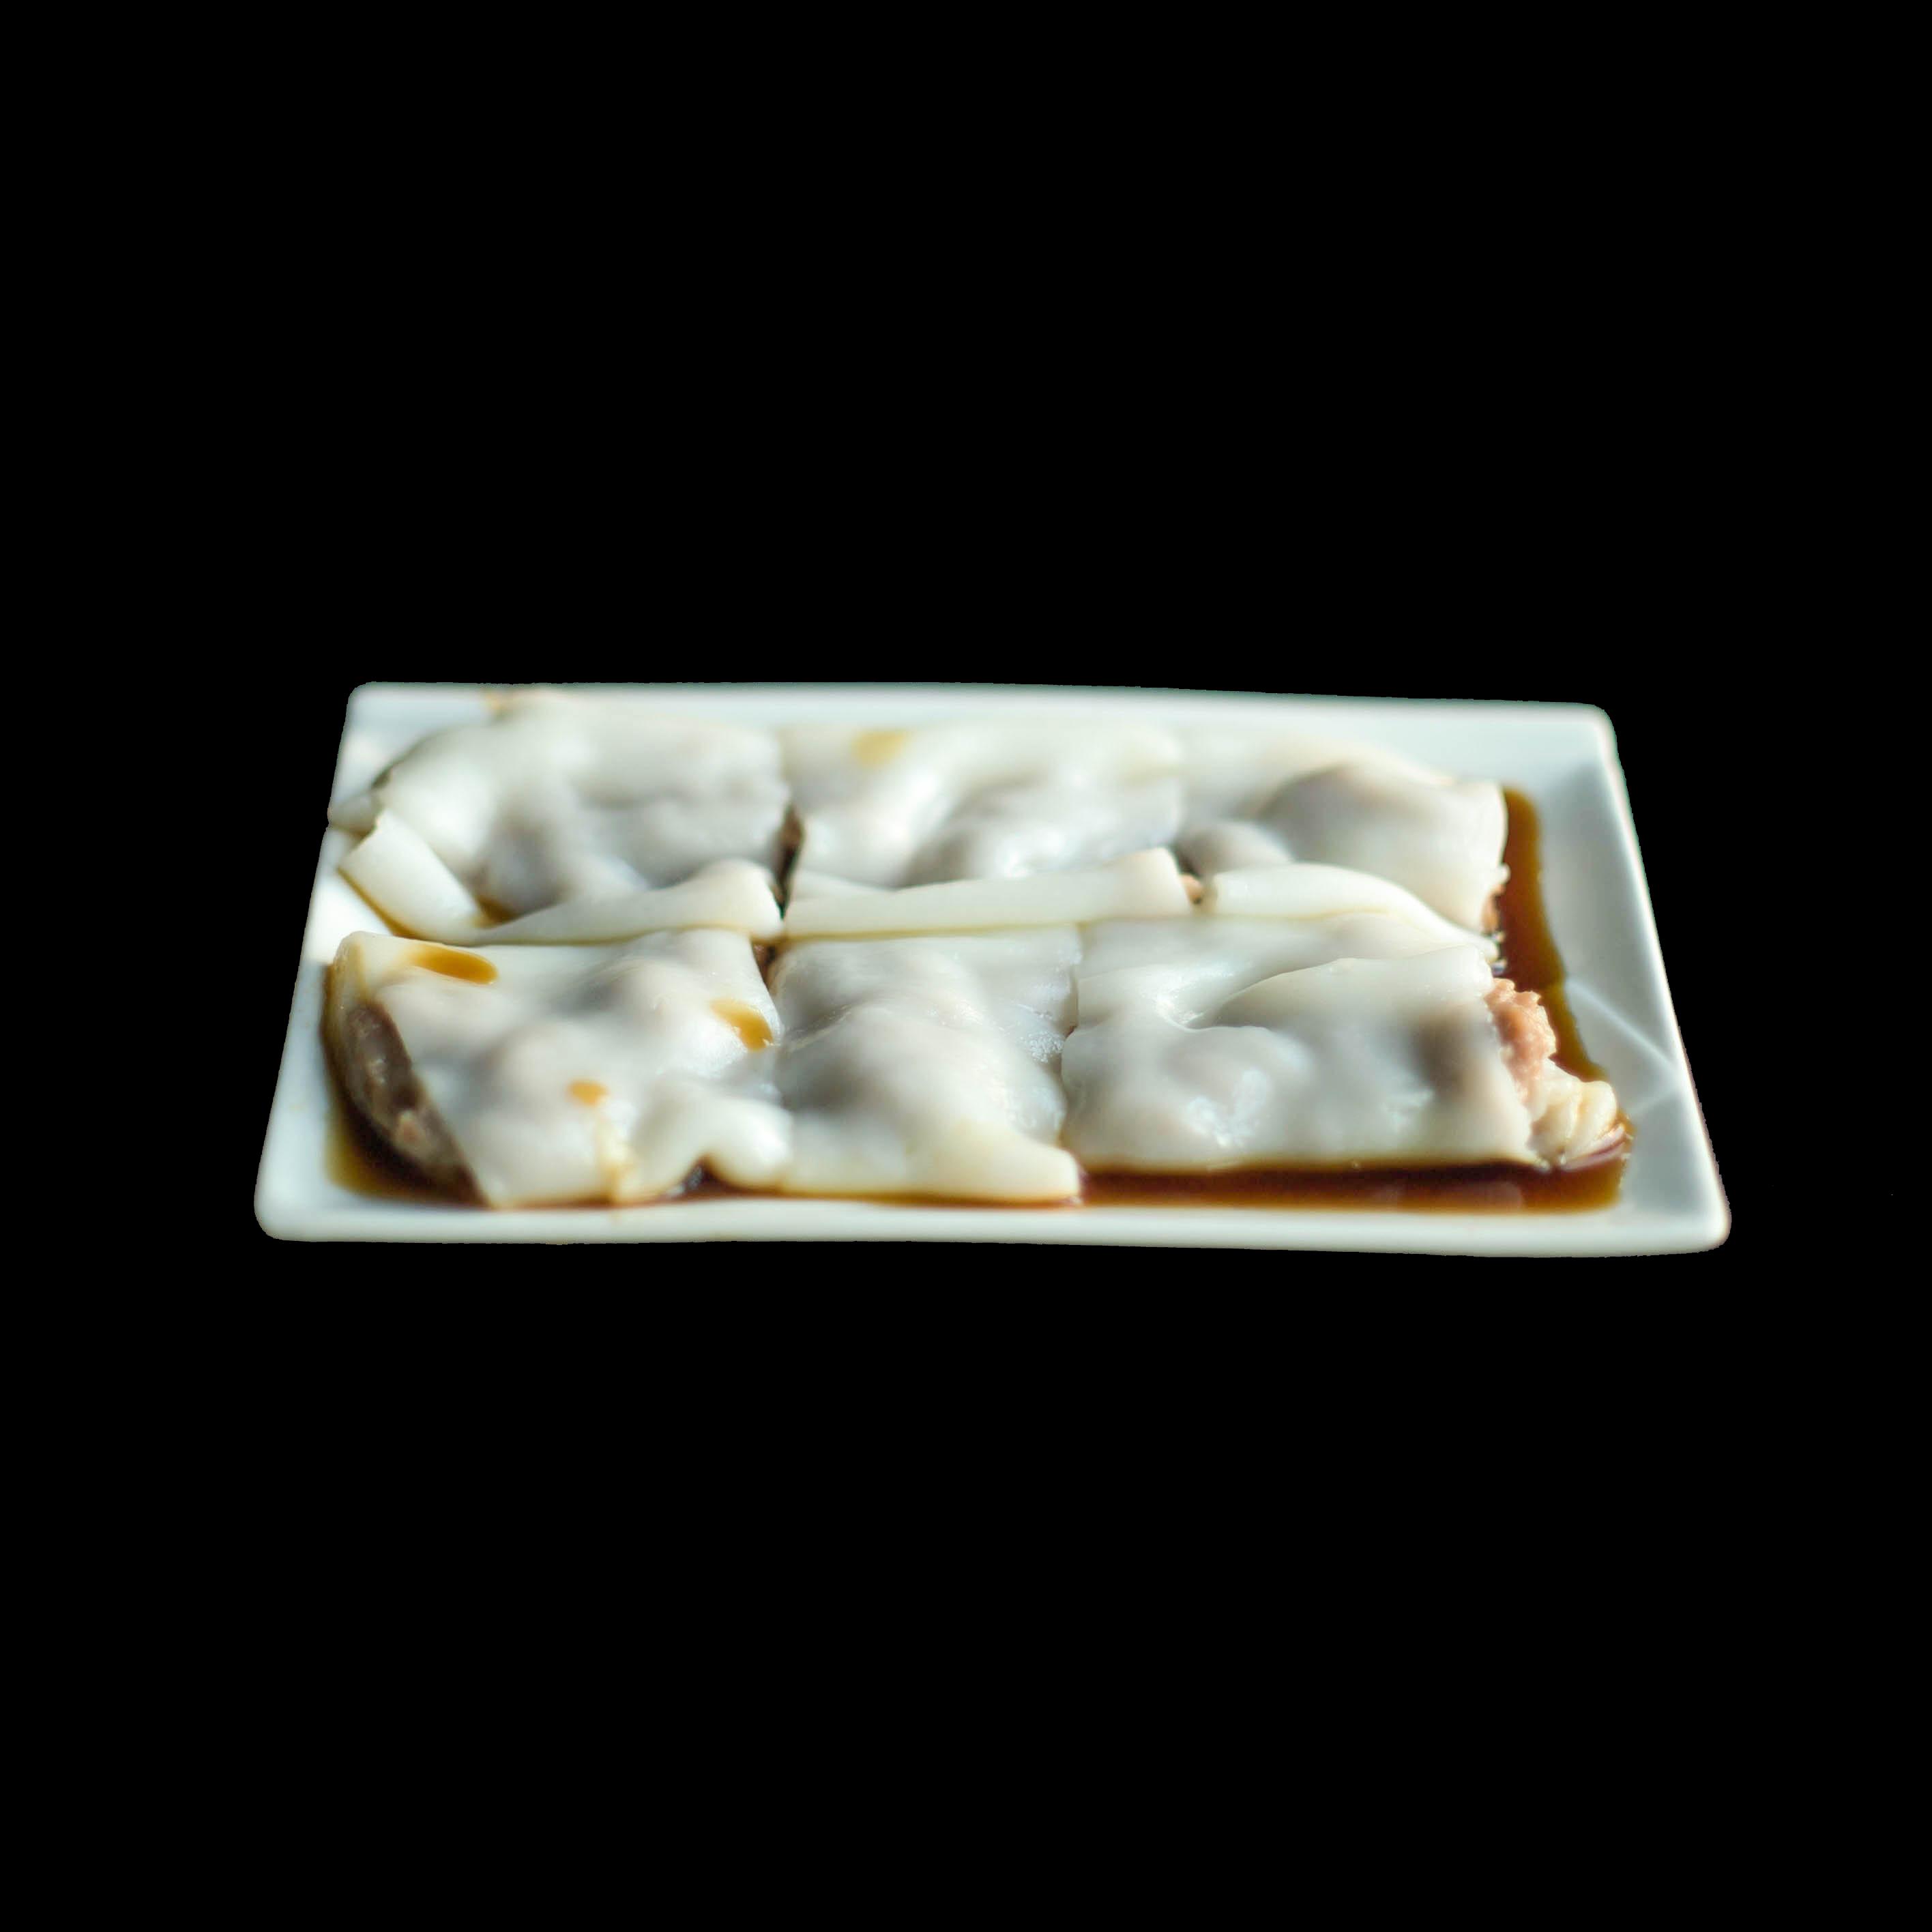 16. 牛肉拉肠粉  Beef Rice Noodle Roll Image